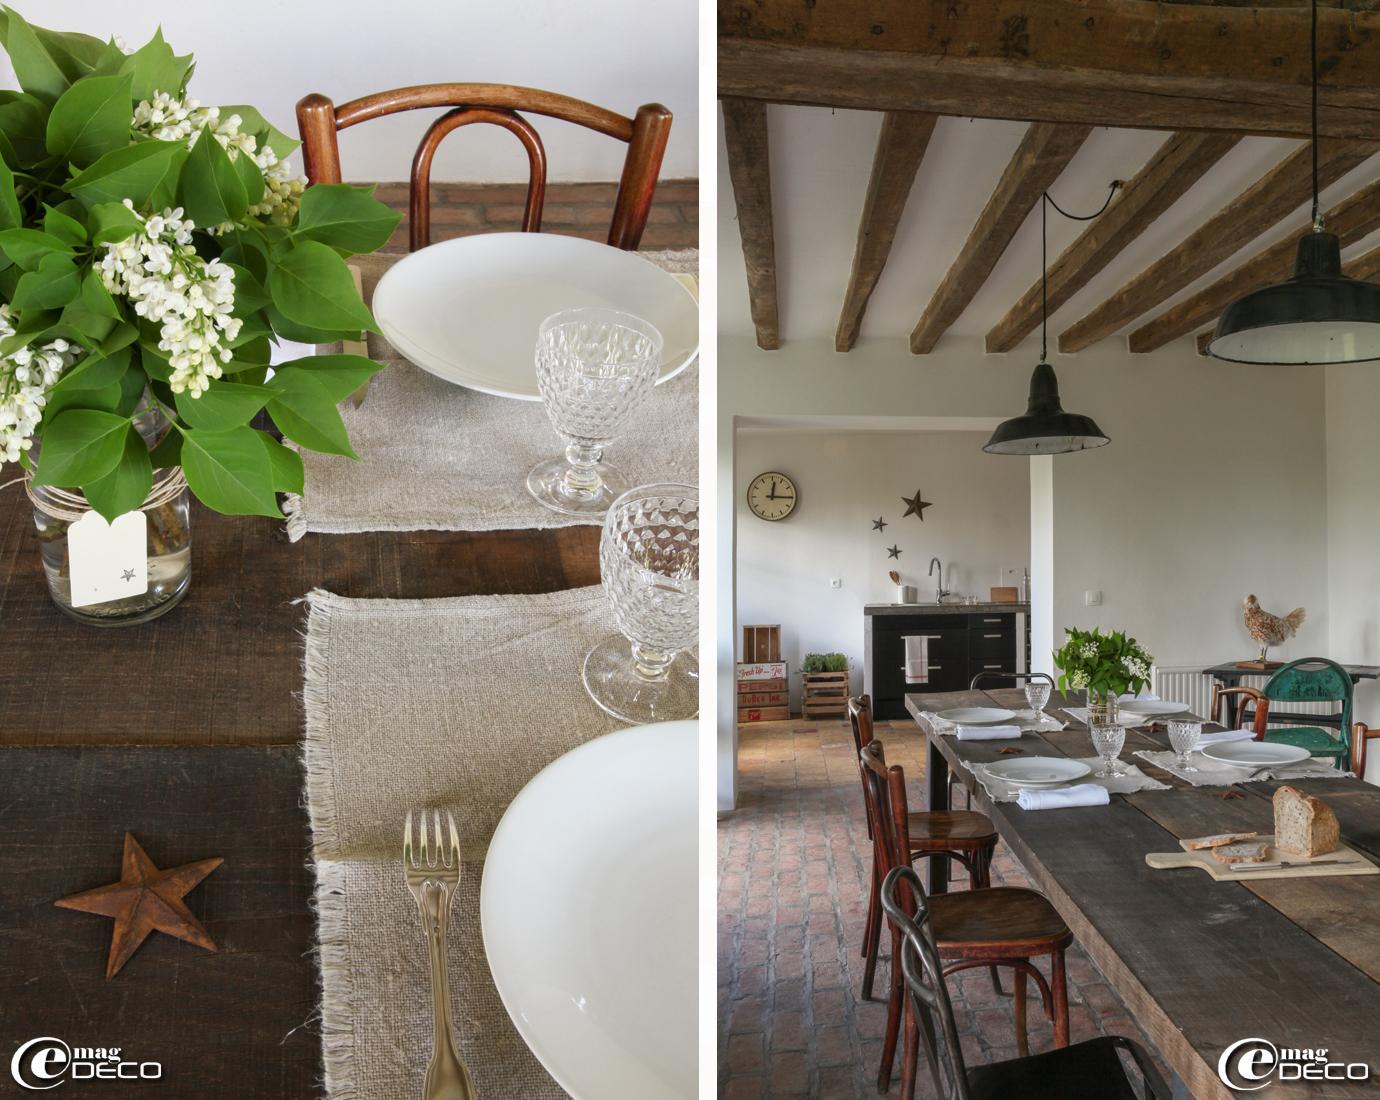 Bocal d'herboriste détourné en vase, table réalisée avec de grandes planches de bois de récupération, chaises de bistrot